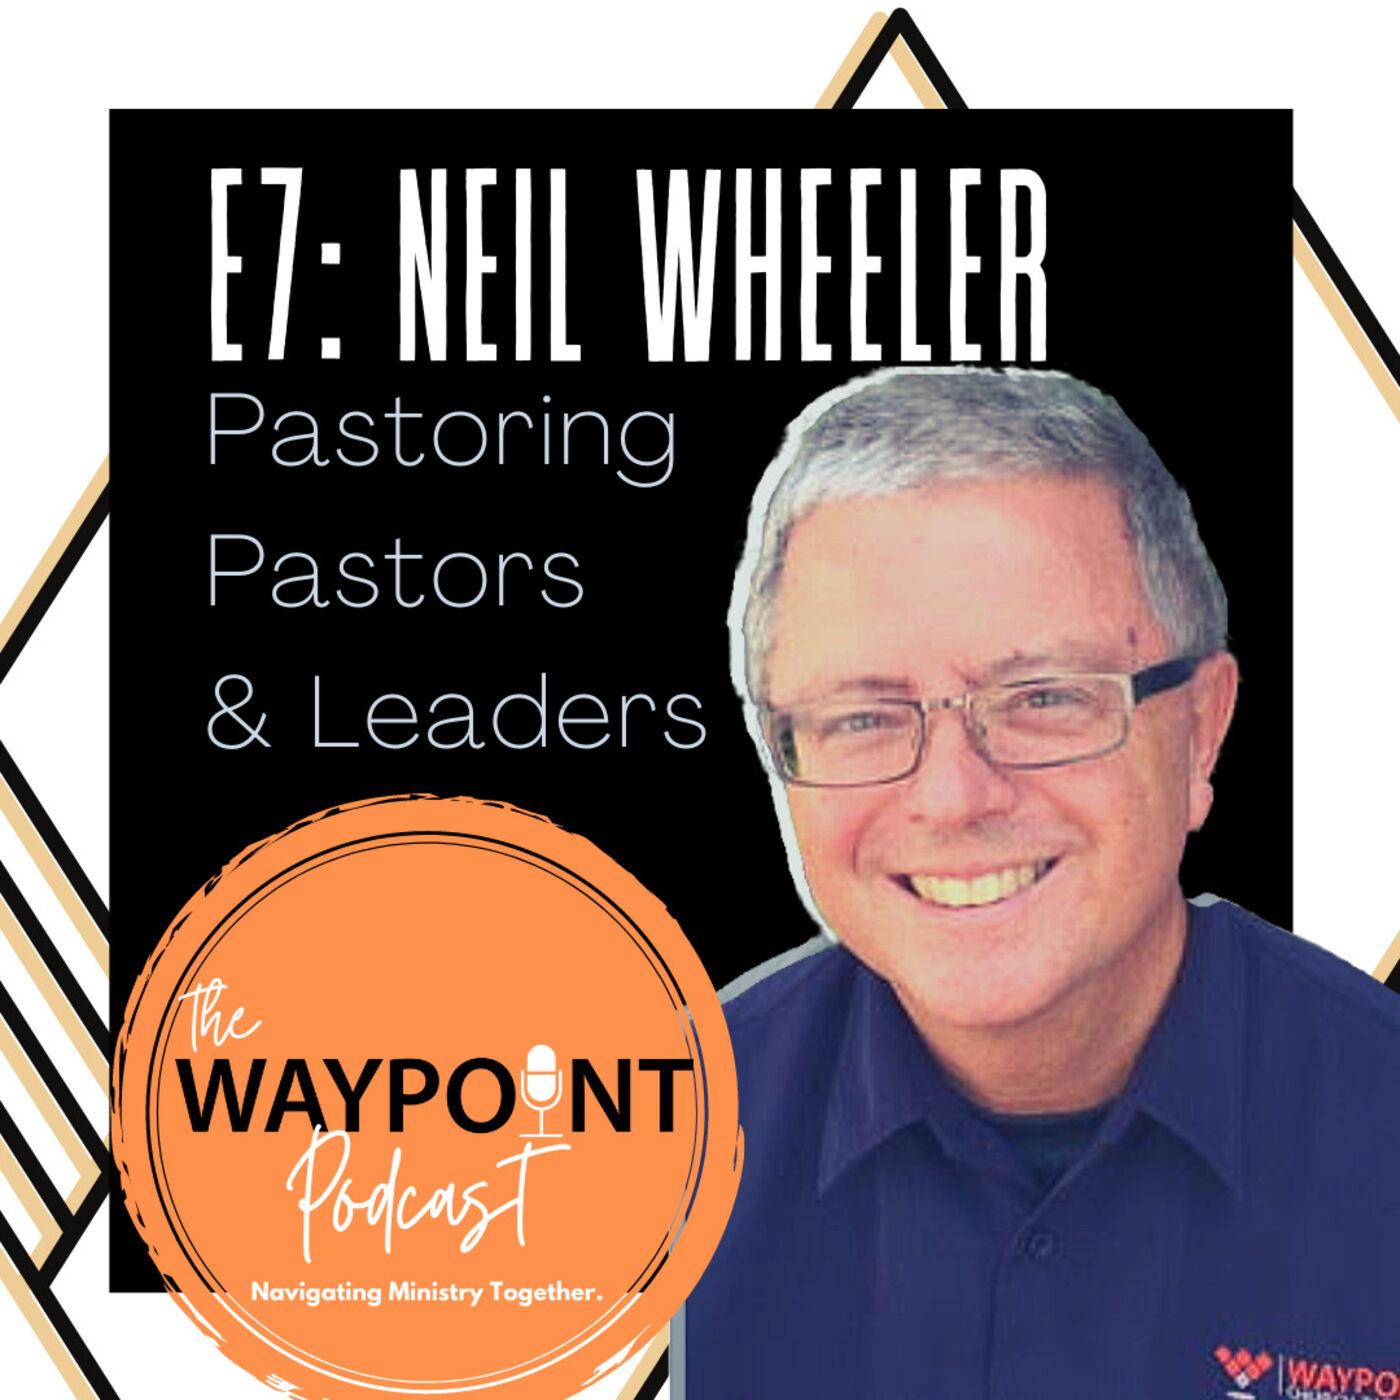 E7: Neil Wheeler | Pastoring Pastors & Leaders